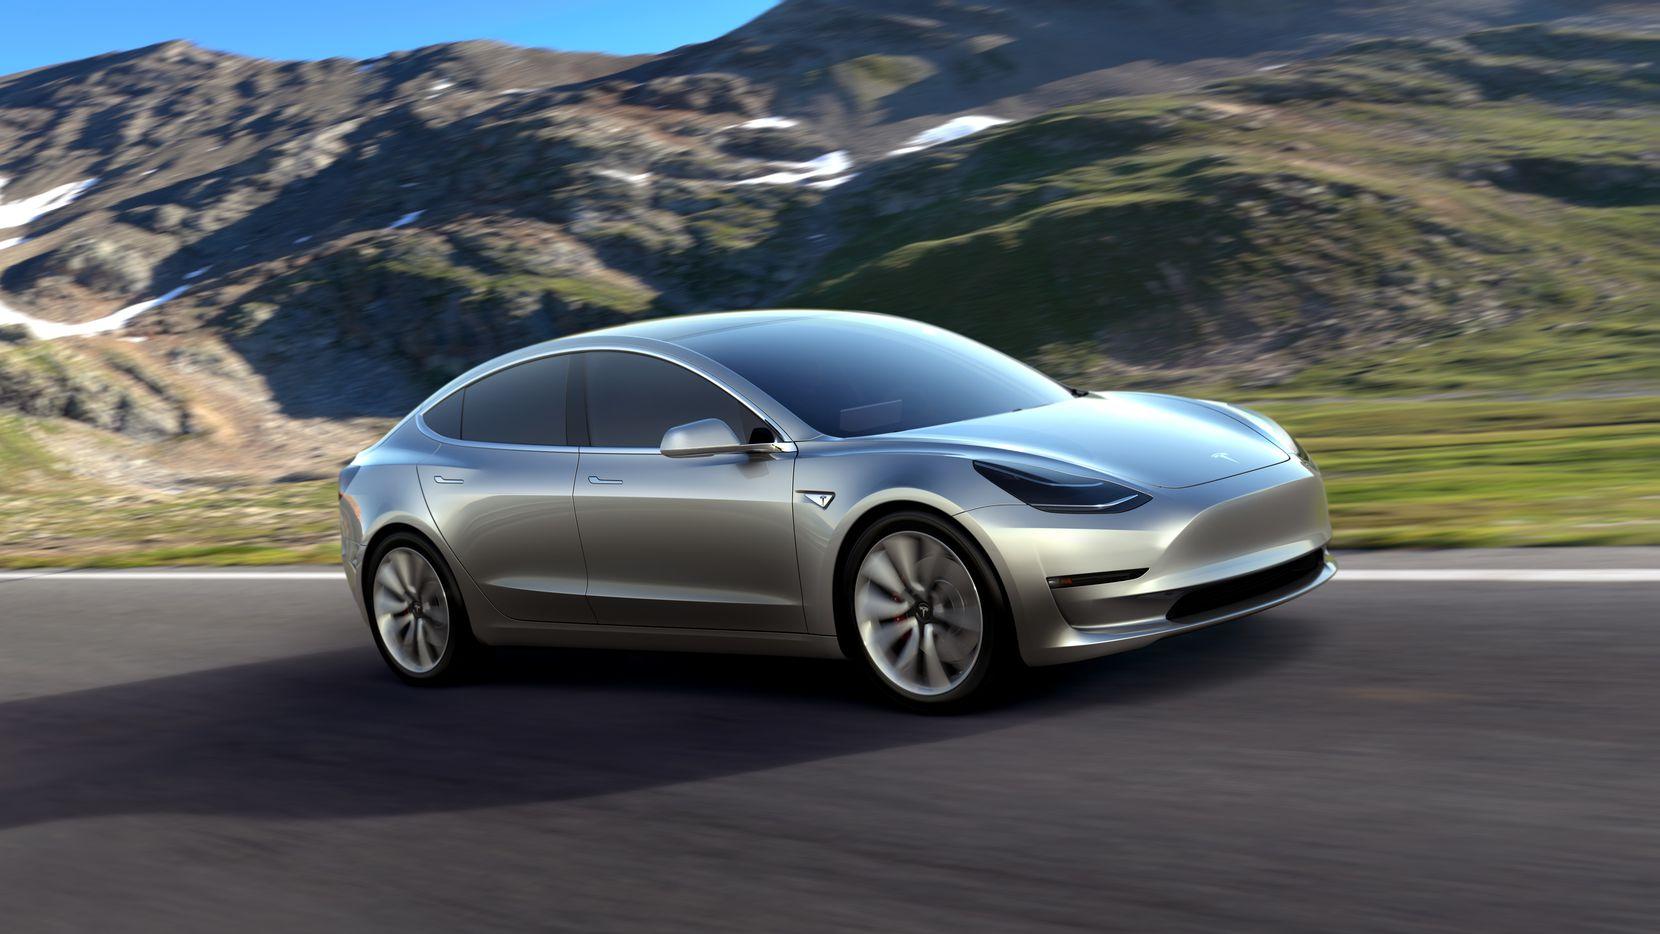 Tesla Motors presentó un  prototipo de su nuevo vehículo Model 3, que saldrá a la venta en el 2017.